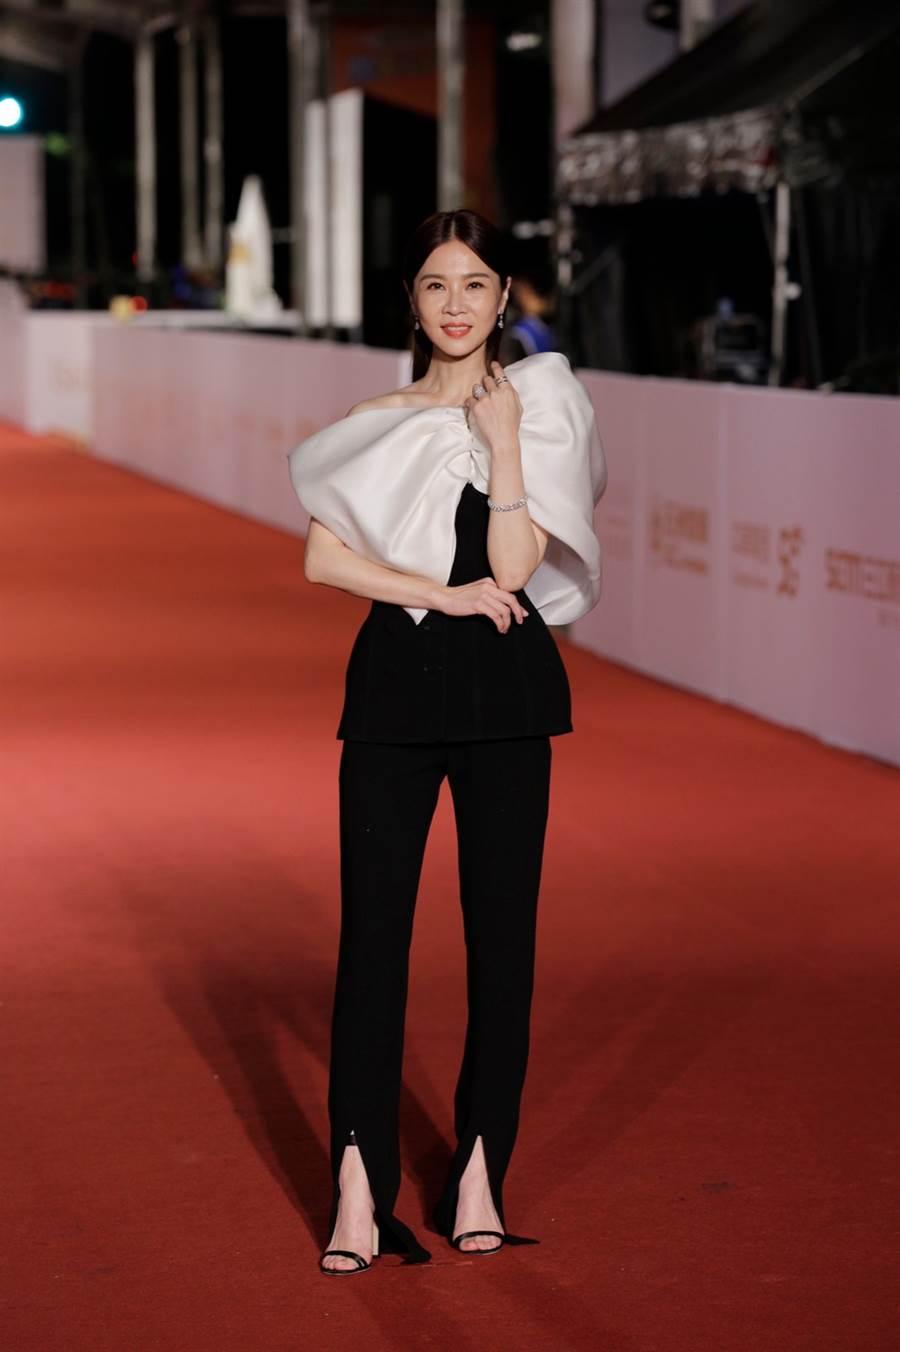 謝盈萱黑白撞色蝴蝶結褲裝展現俐落灑脫的女性魅力。(圖/廖映翔攝)